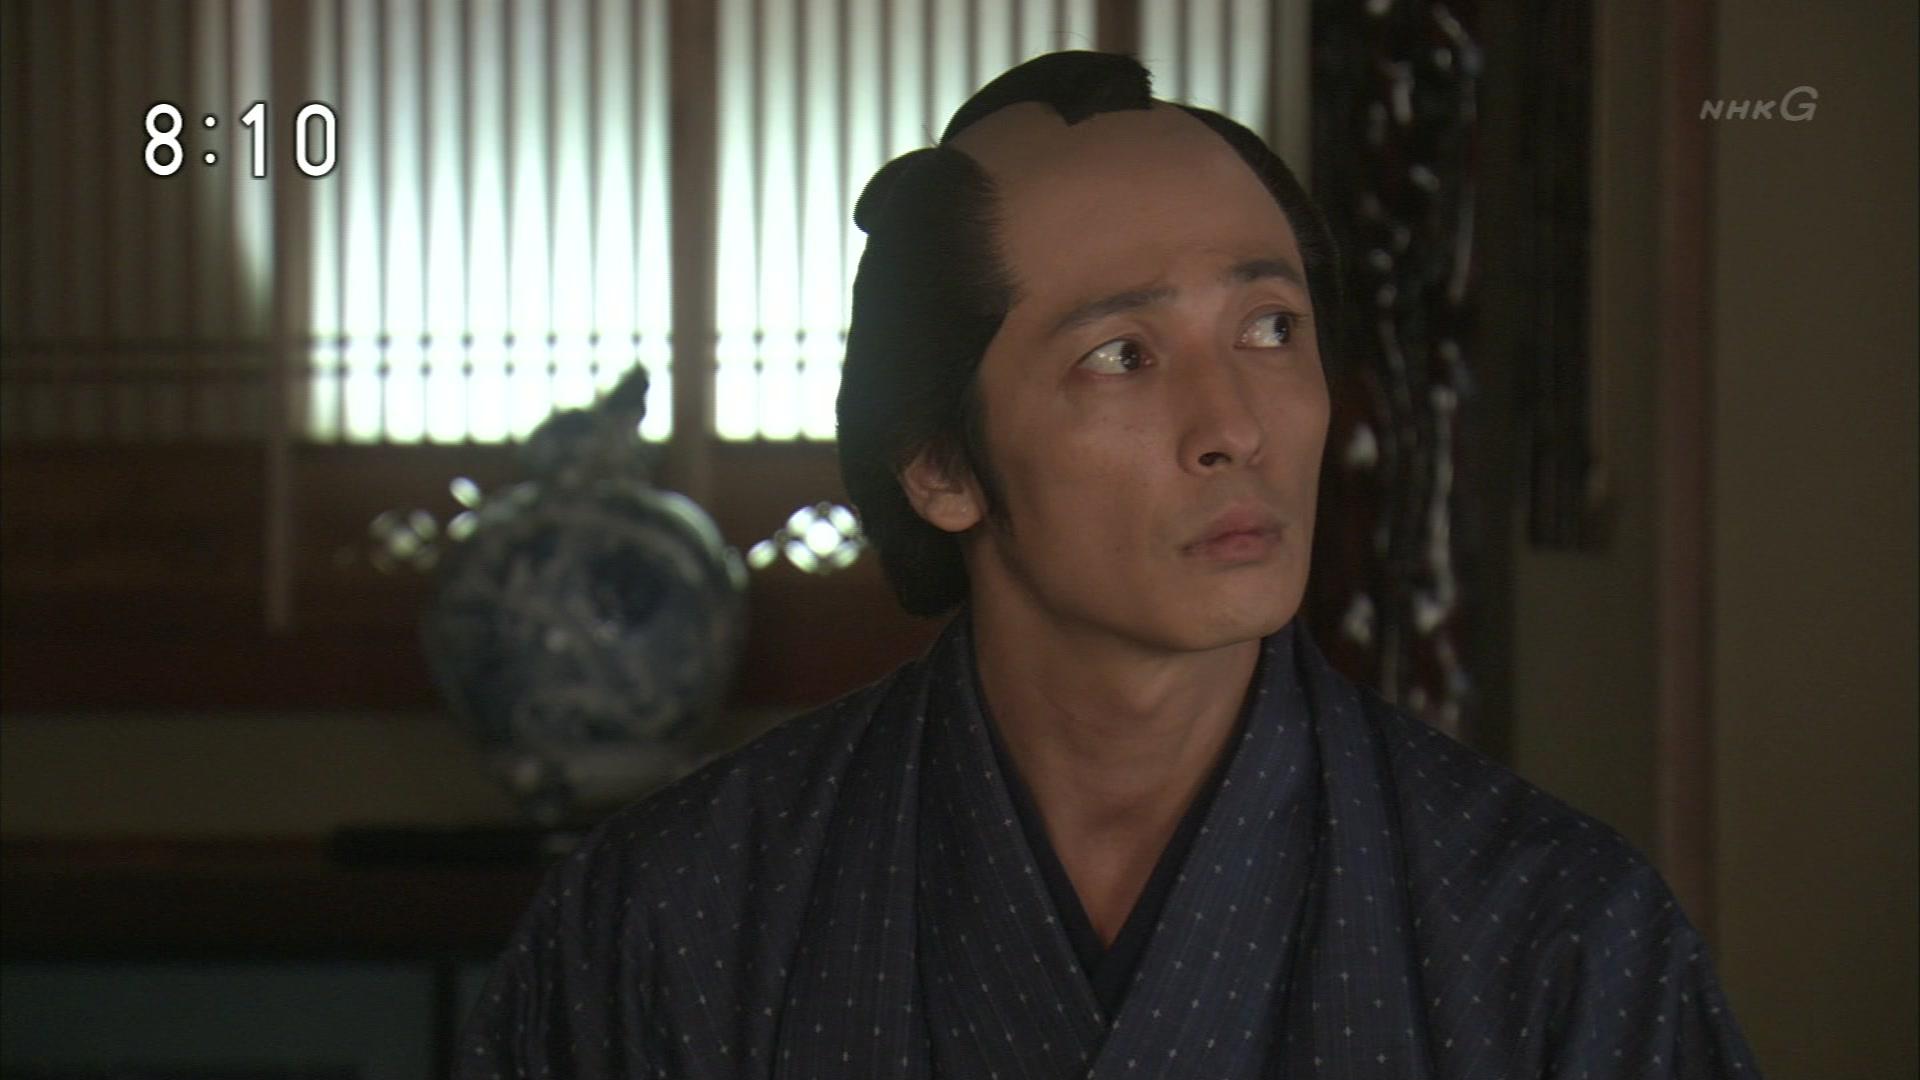 2015-10-17 08:00 連続テレビ小説 あさが来た(18)「新選組参上!」 1977